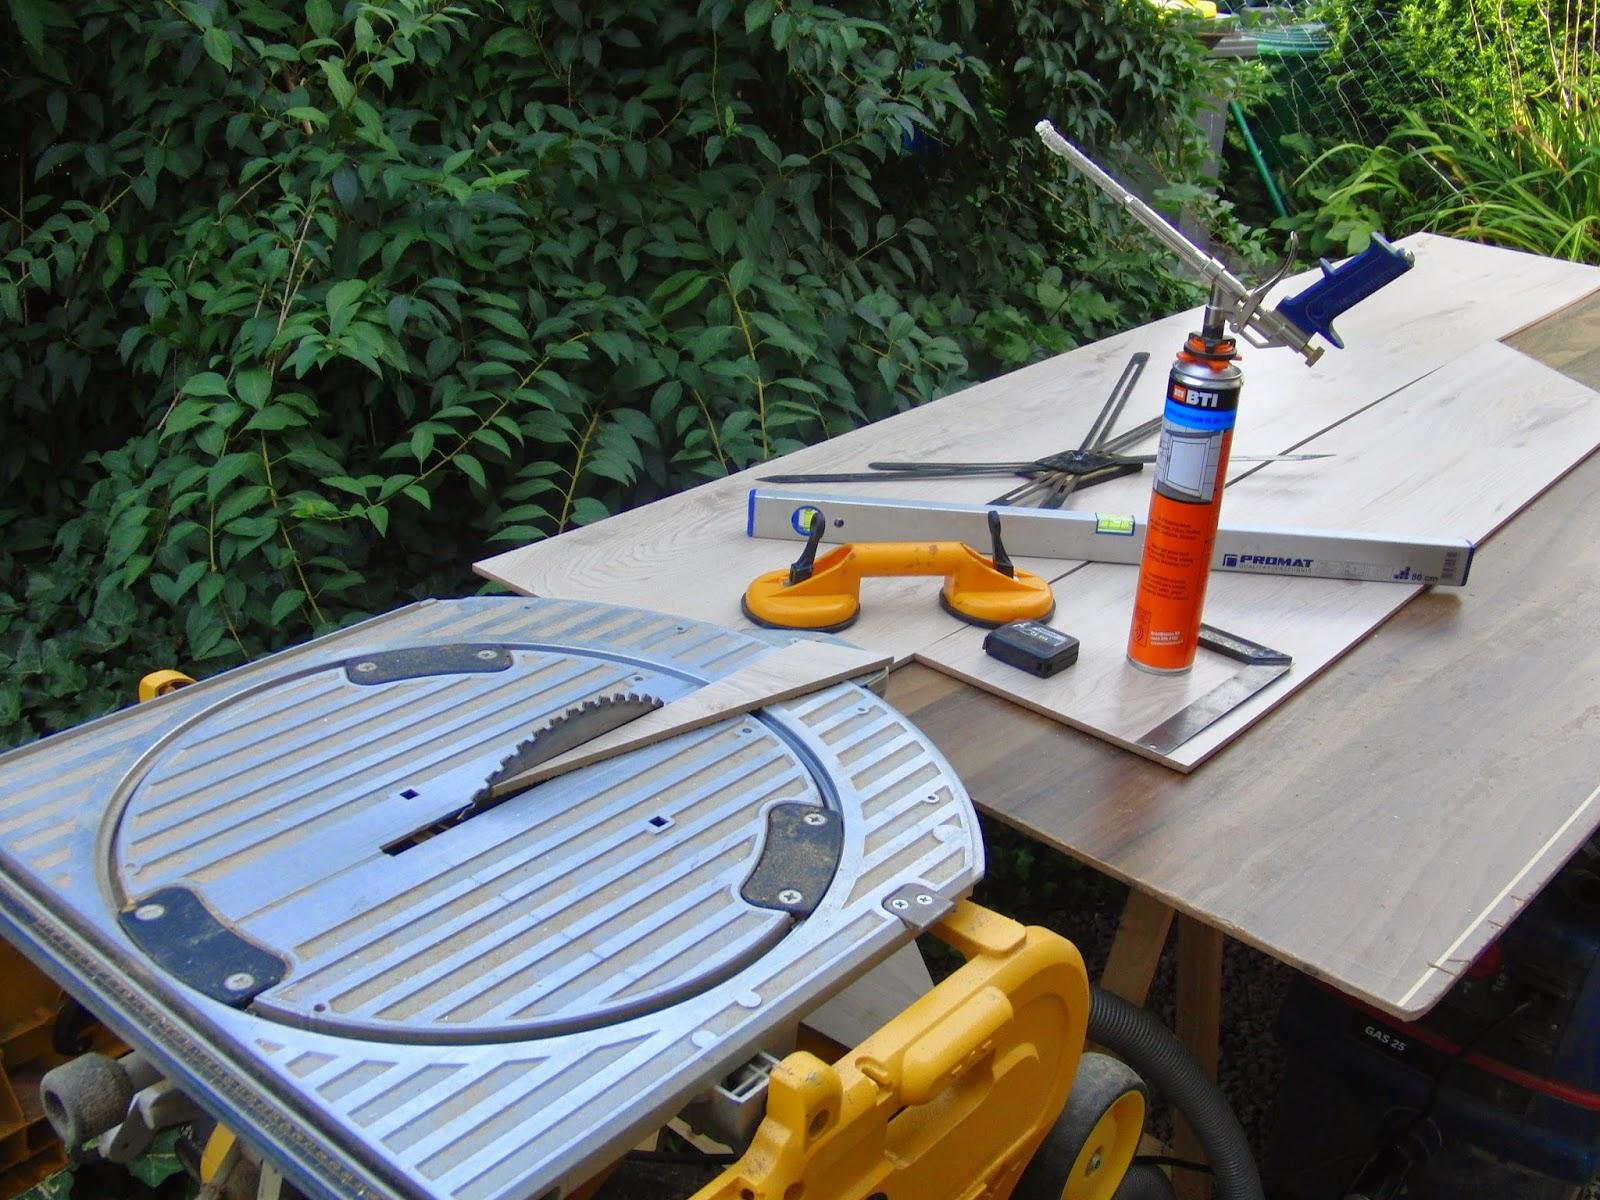 Treppenstufen renovieren - Benötigtes Werkzeug